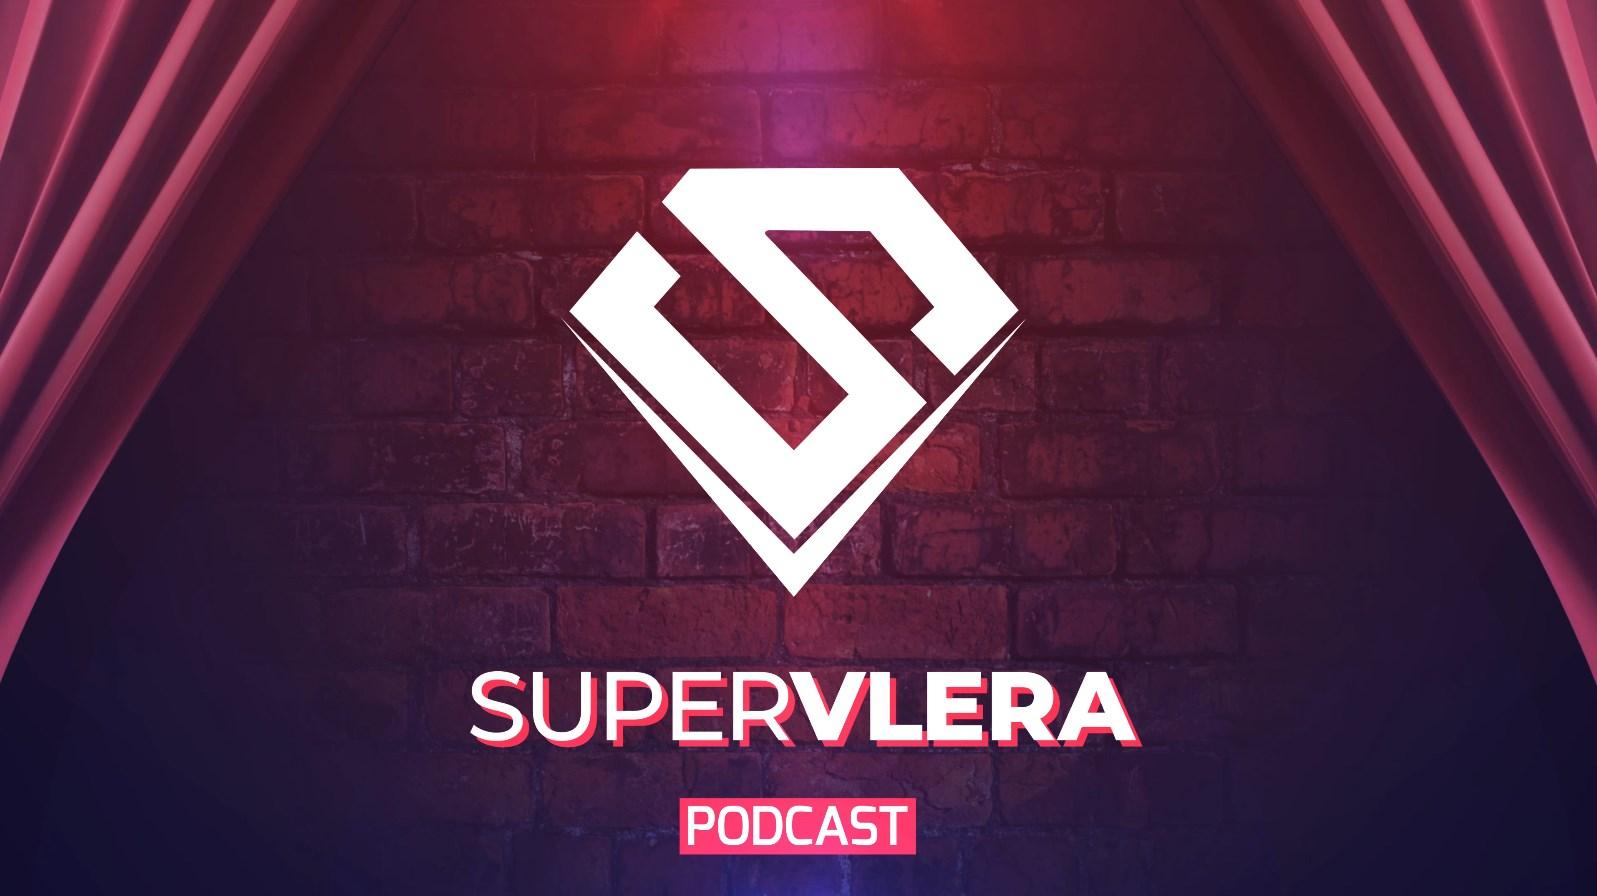 SuperVlera